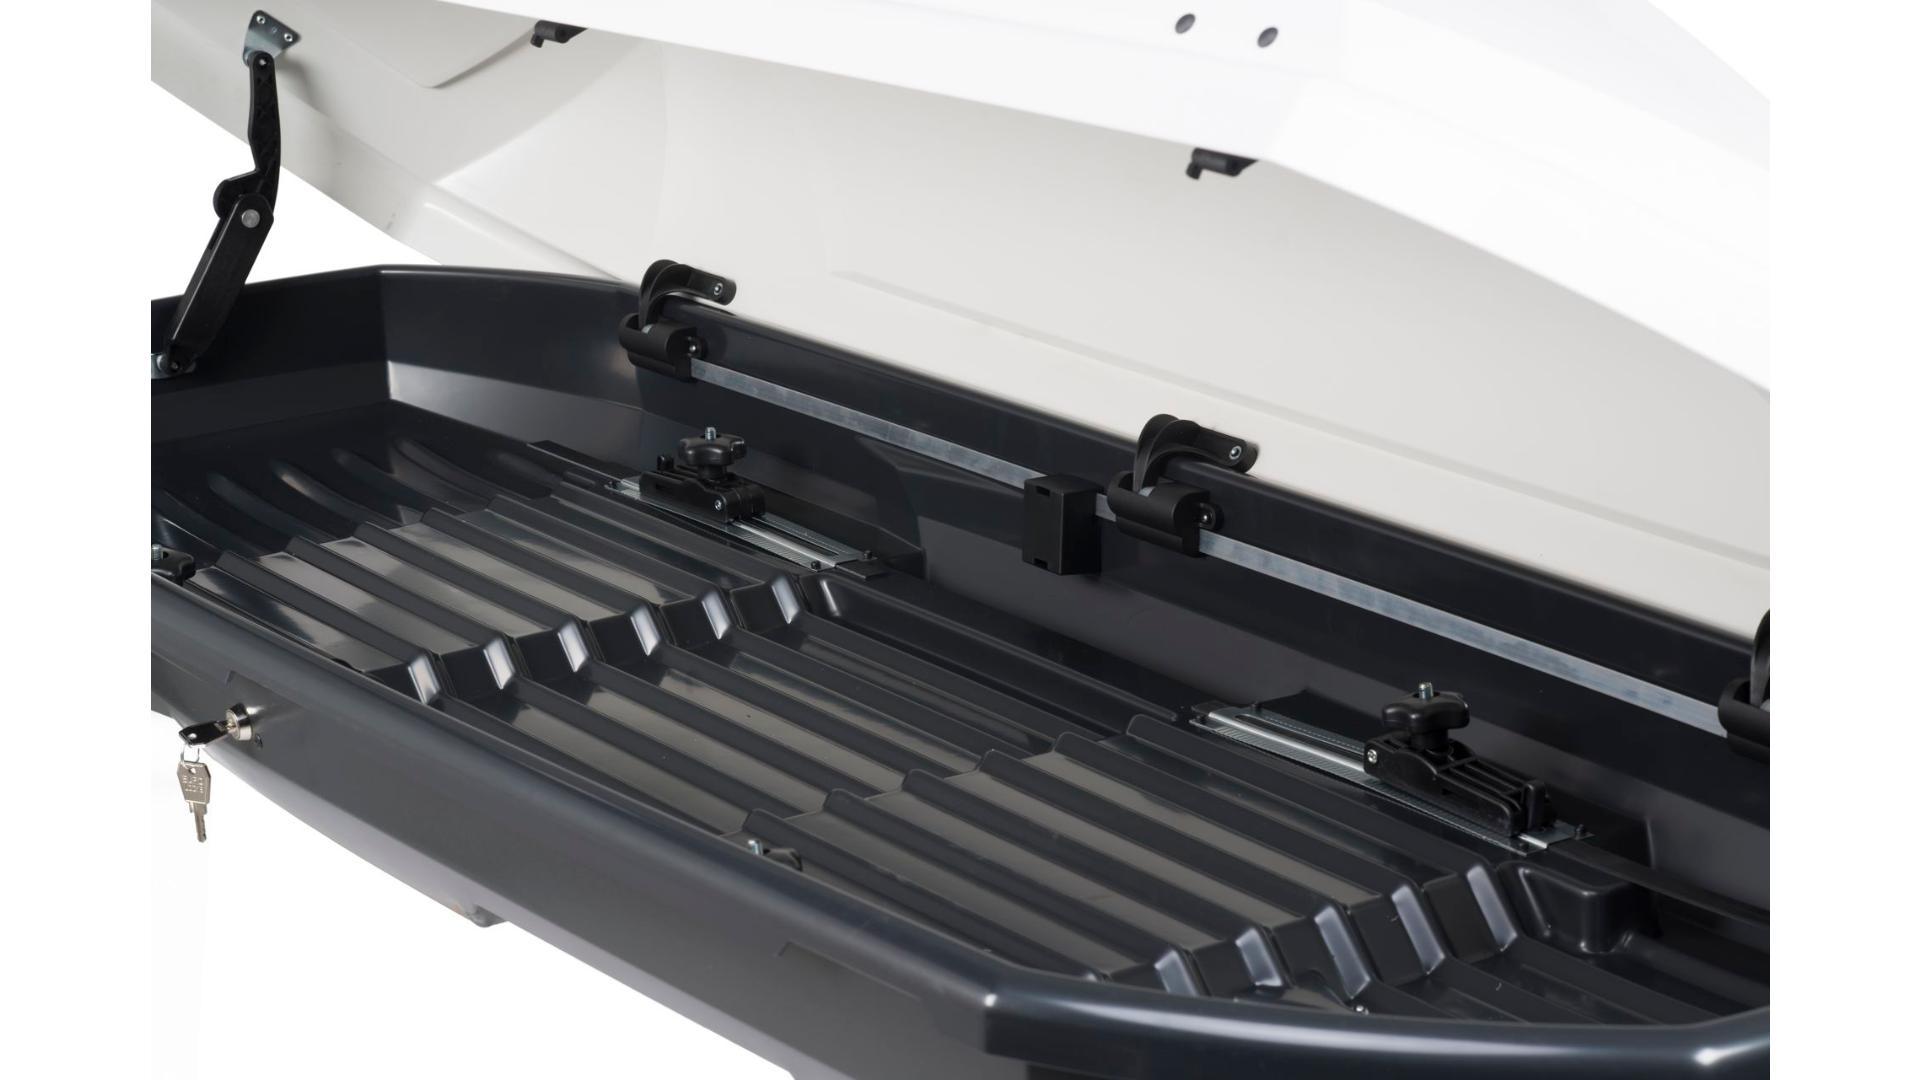 Taurus střešní box Adventure (190 x 67 x 42) 340l. - bílý lesklý (obojstranne otevíratelný)